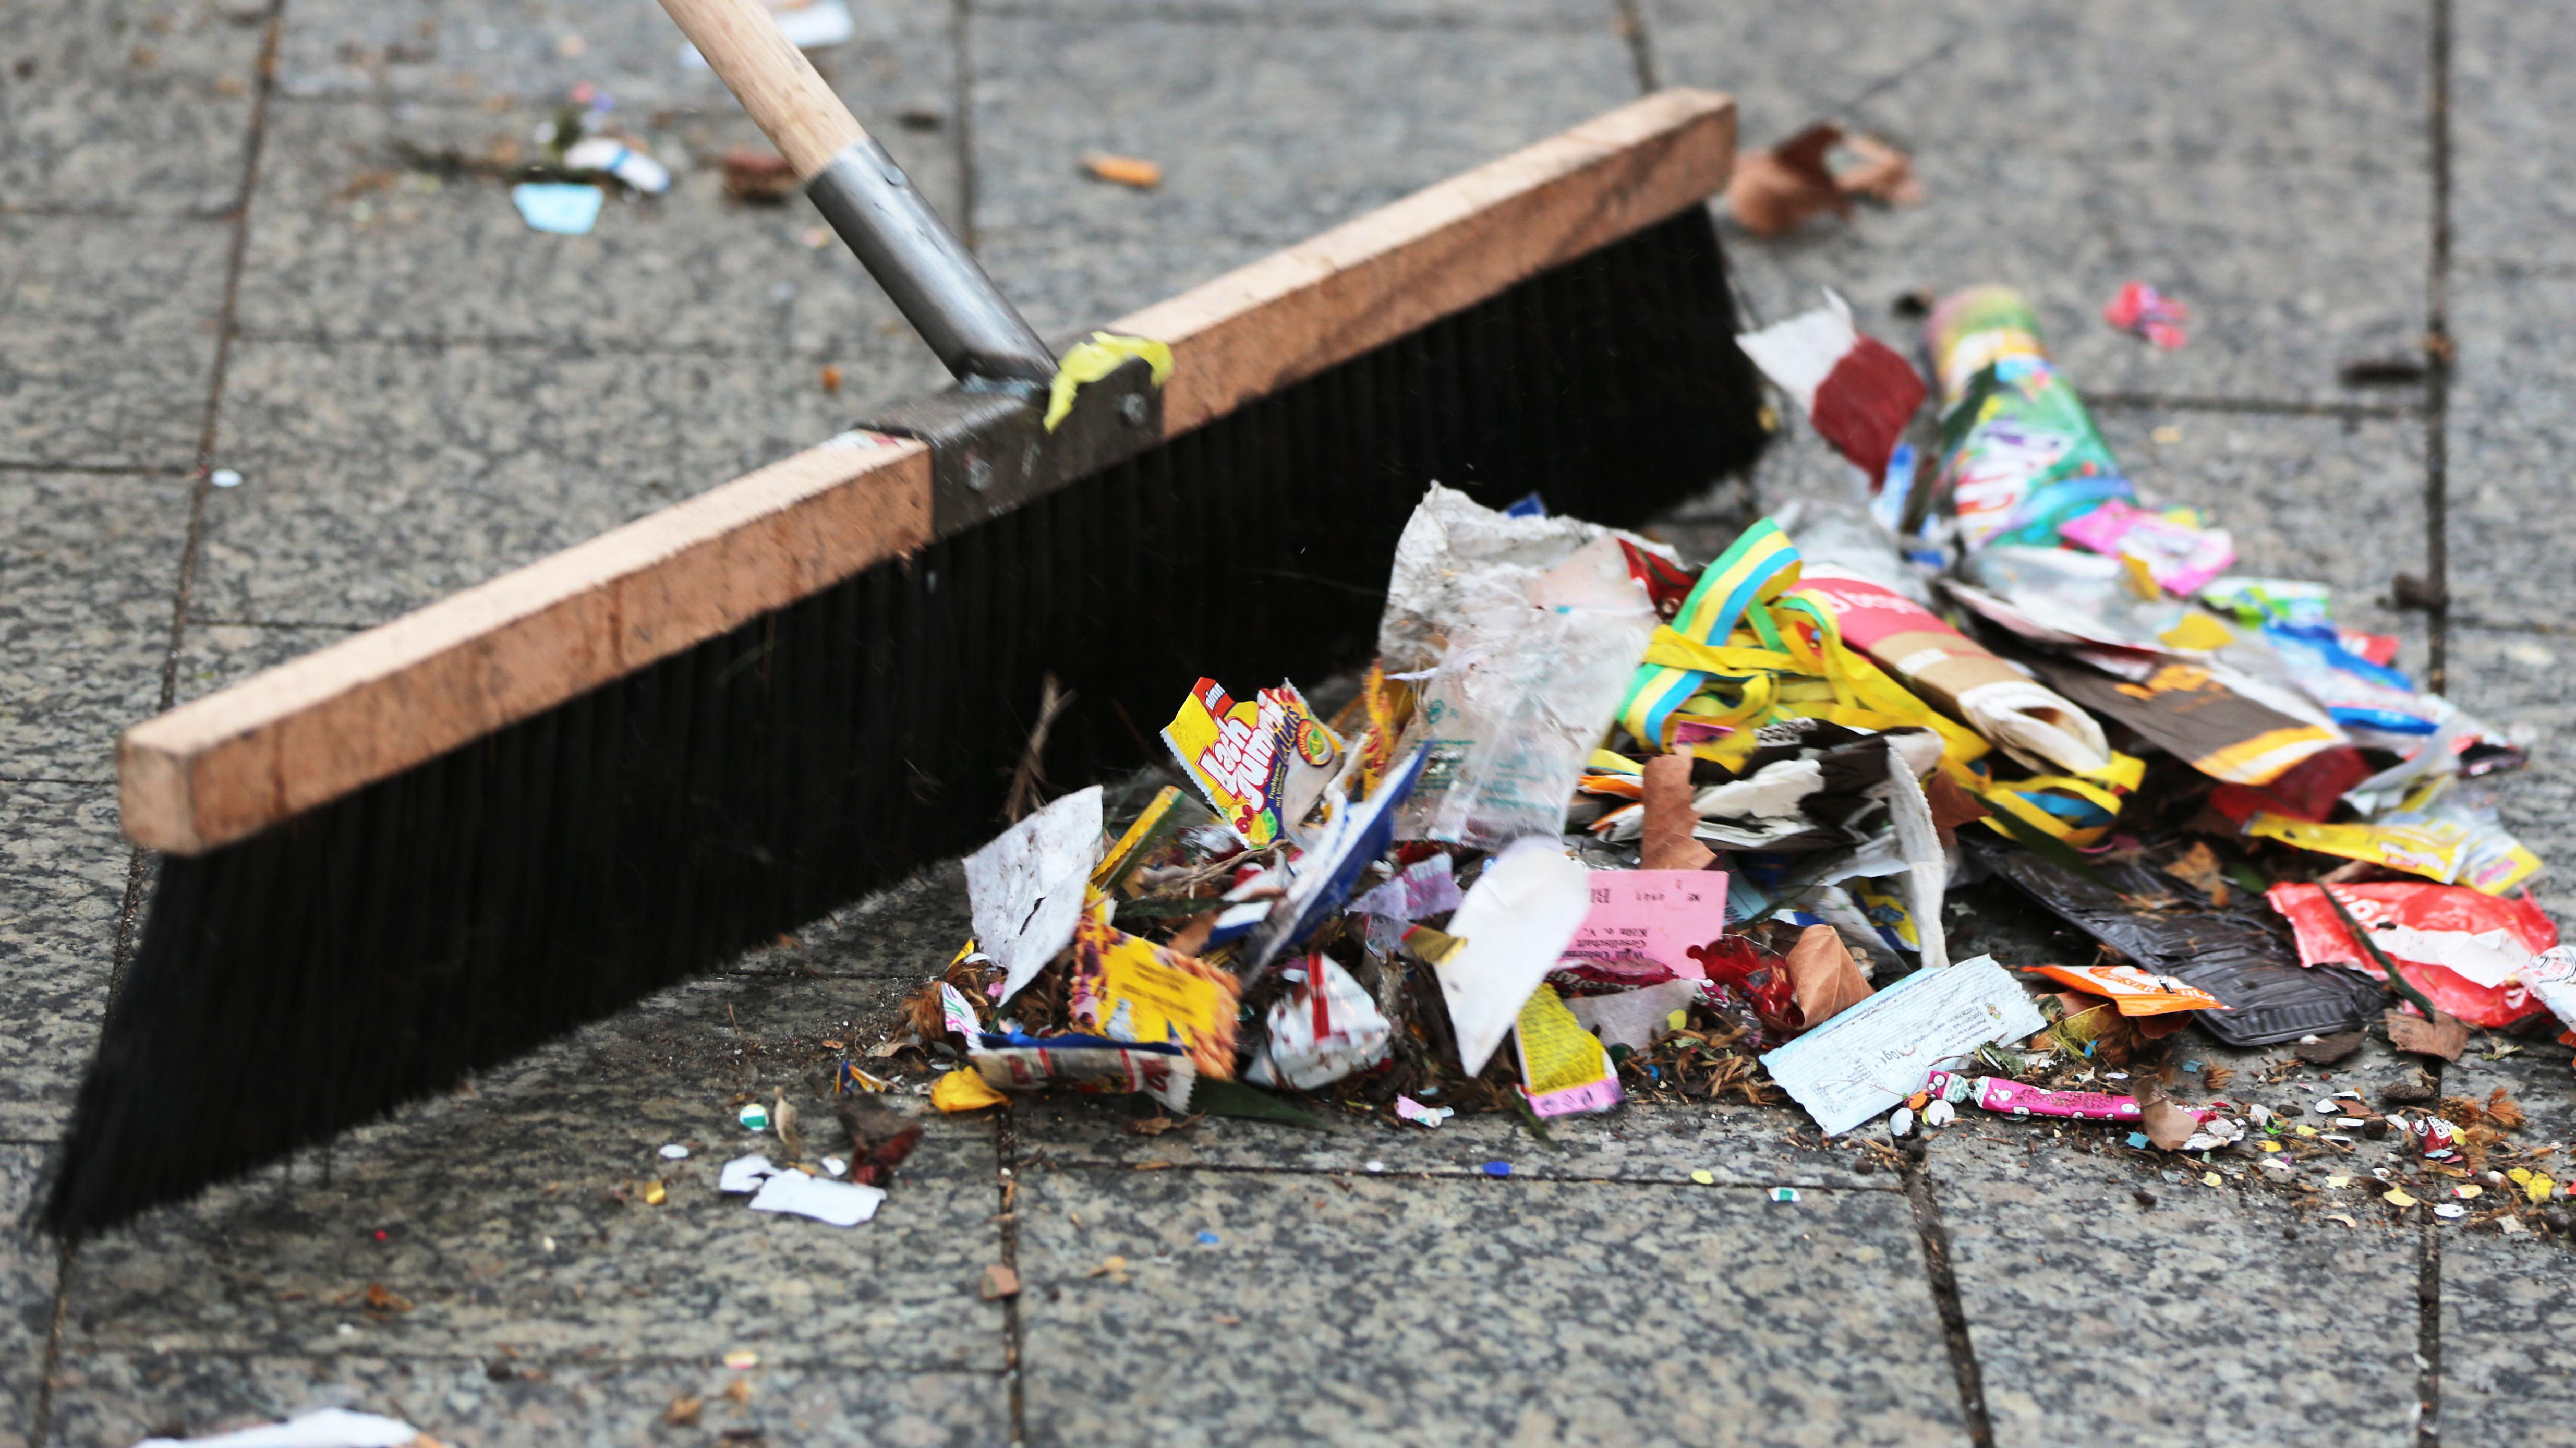 Straßenreinigung: Besen kehrt die Müllreste des Straßenfaschings zusammen